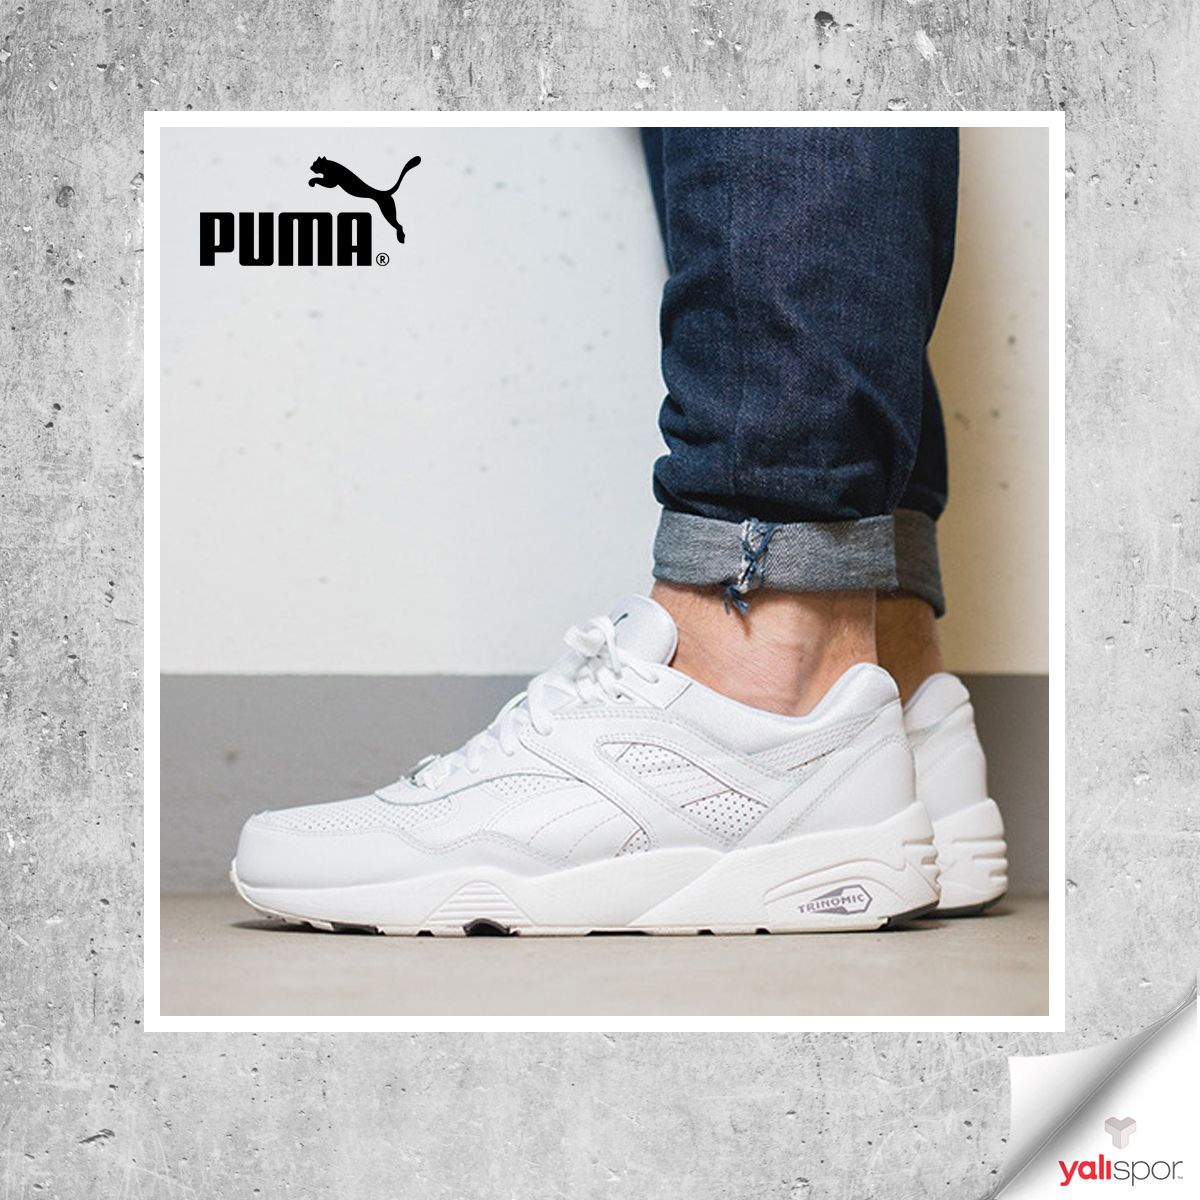 53e41546827 Puma R698 Core Leather farkını Yalispor.com.tr de keşfedin! Ürün Kodumuz